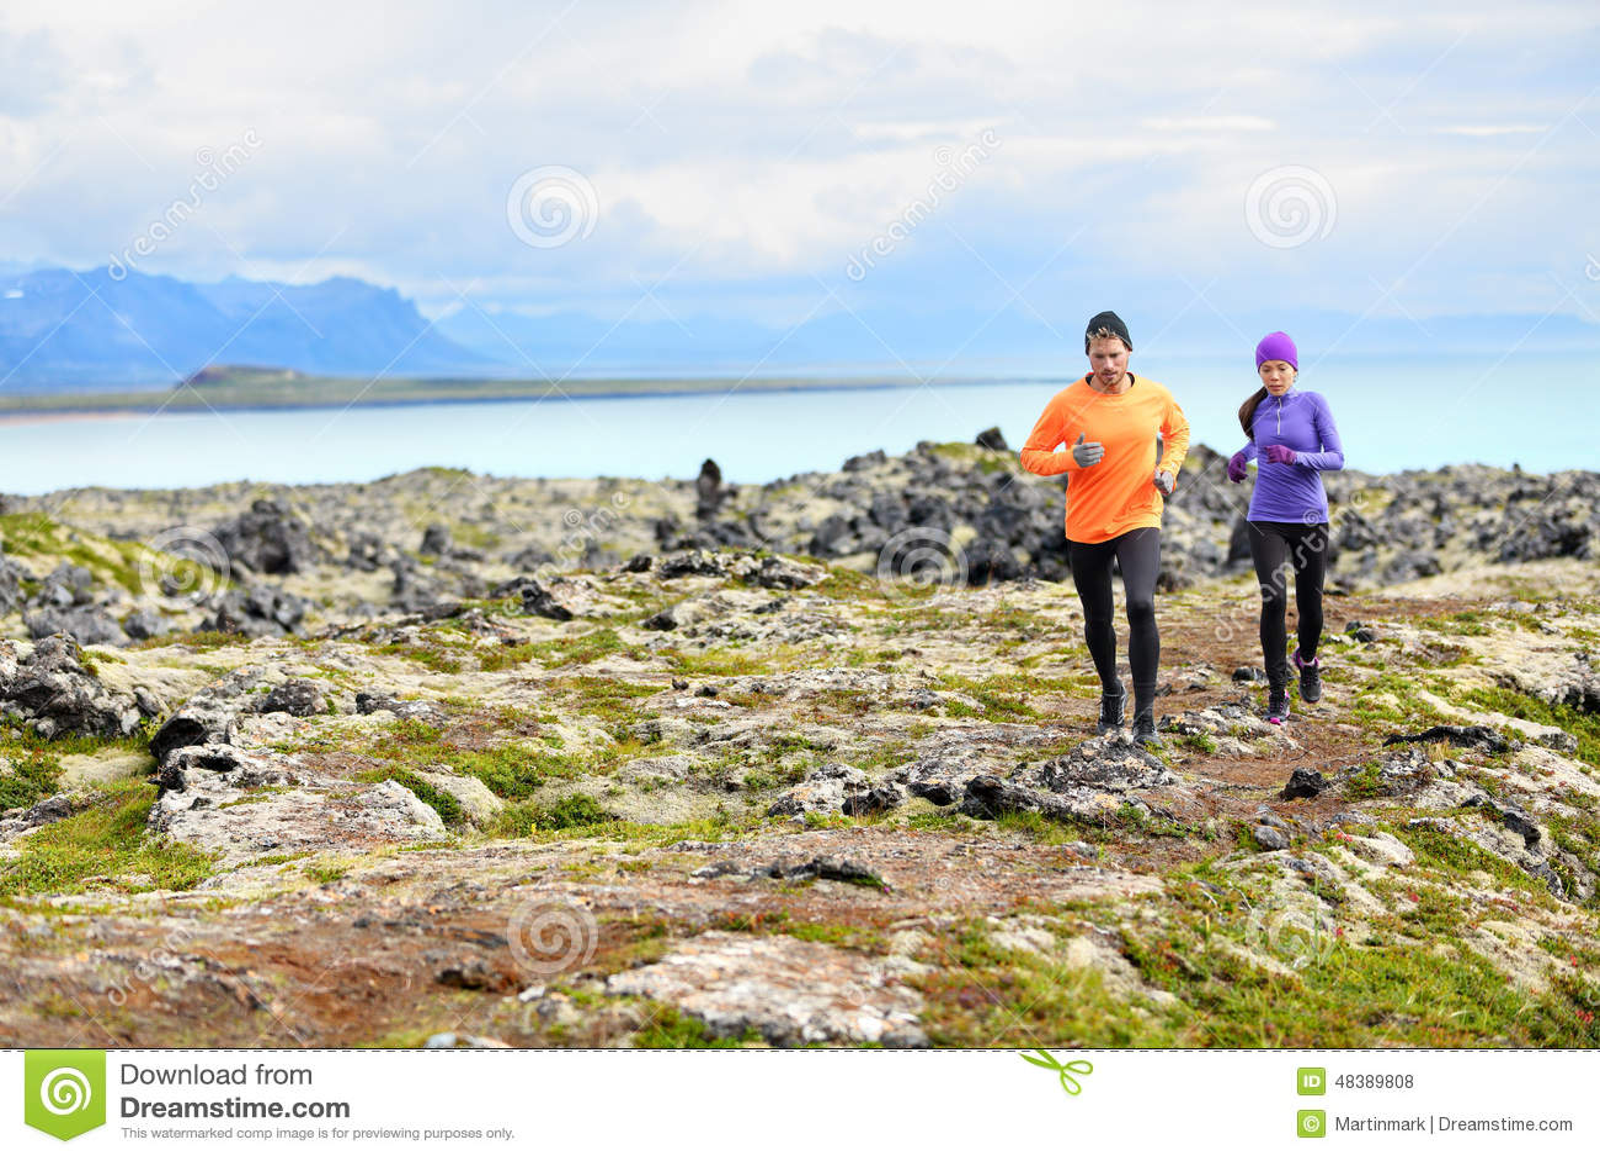 Τρέχοντας αθλητισμός άσκησης - δρομείς στη διαγώνια χώρα